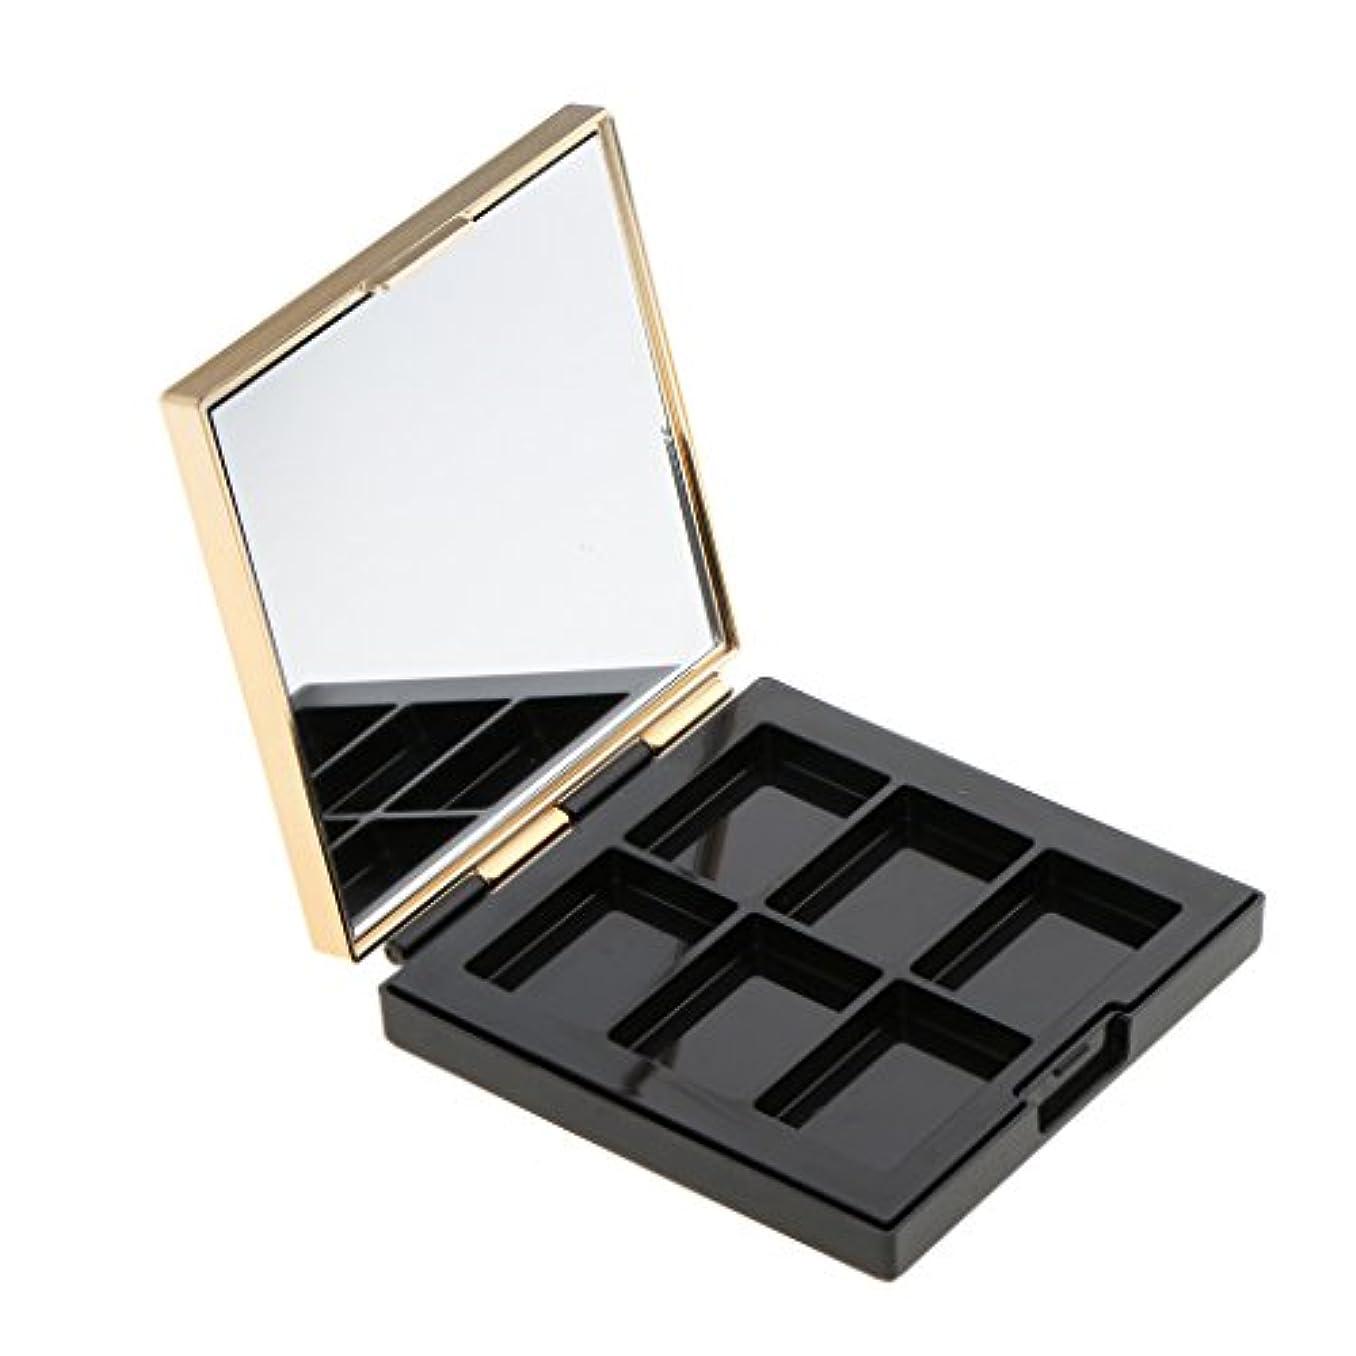 印象派満足洞察力のあるBaosity 空パレット 収納ボックス 高品質 ABS製 DIY コスメ収納 メイクアップケース ミラー付き